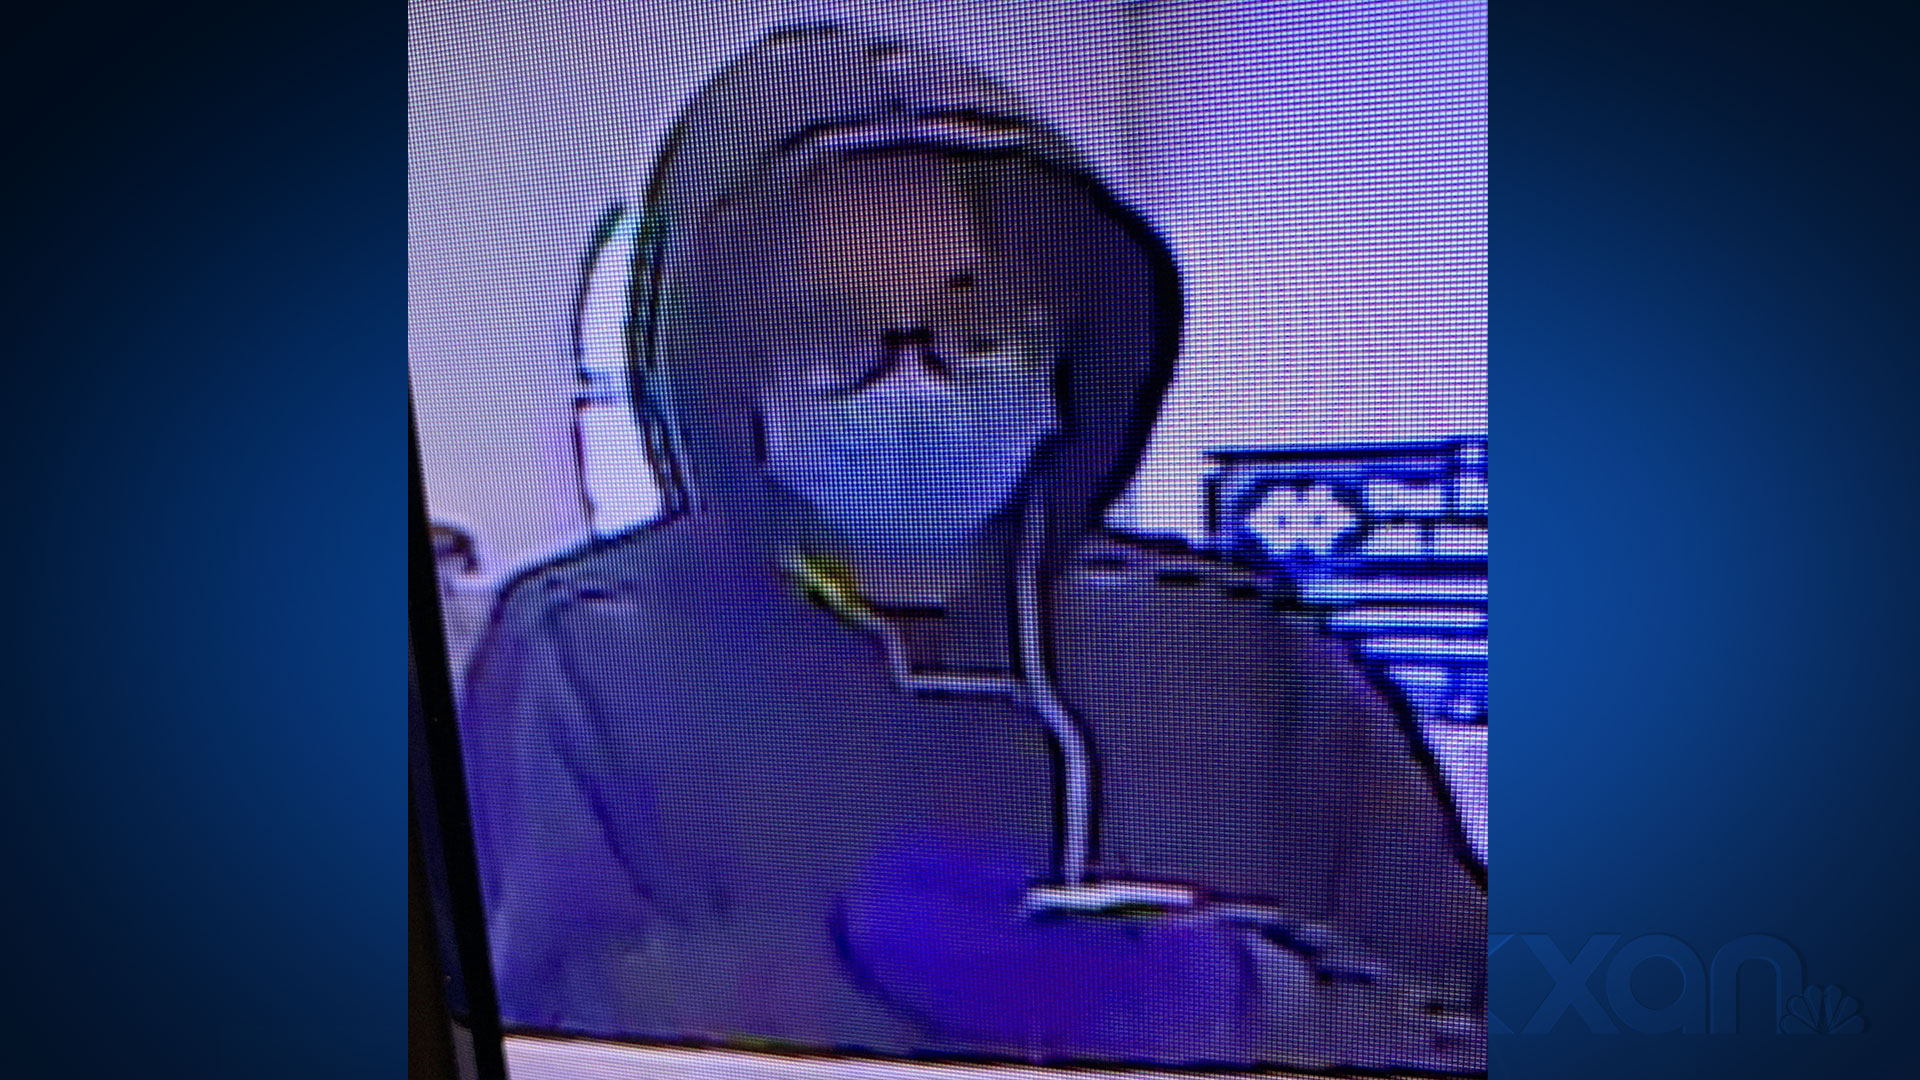 Round-Round-bank-robbery-suspect